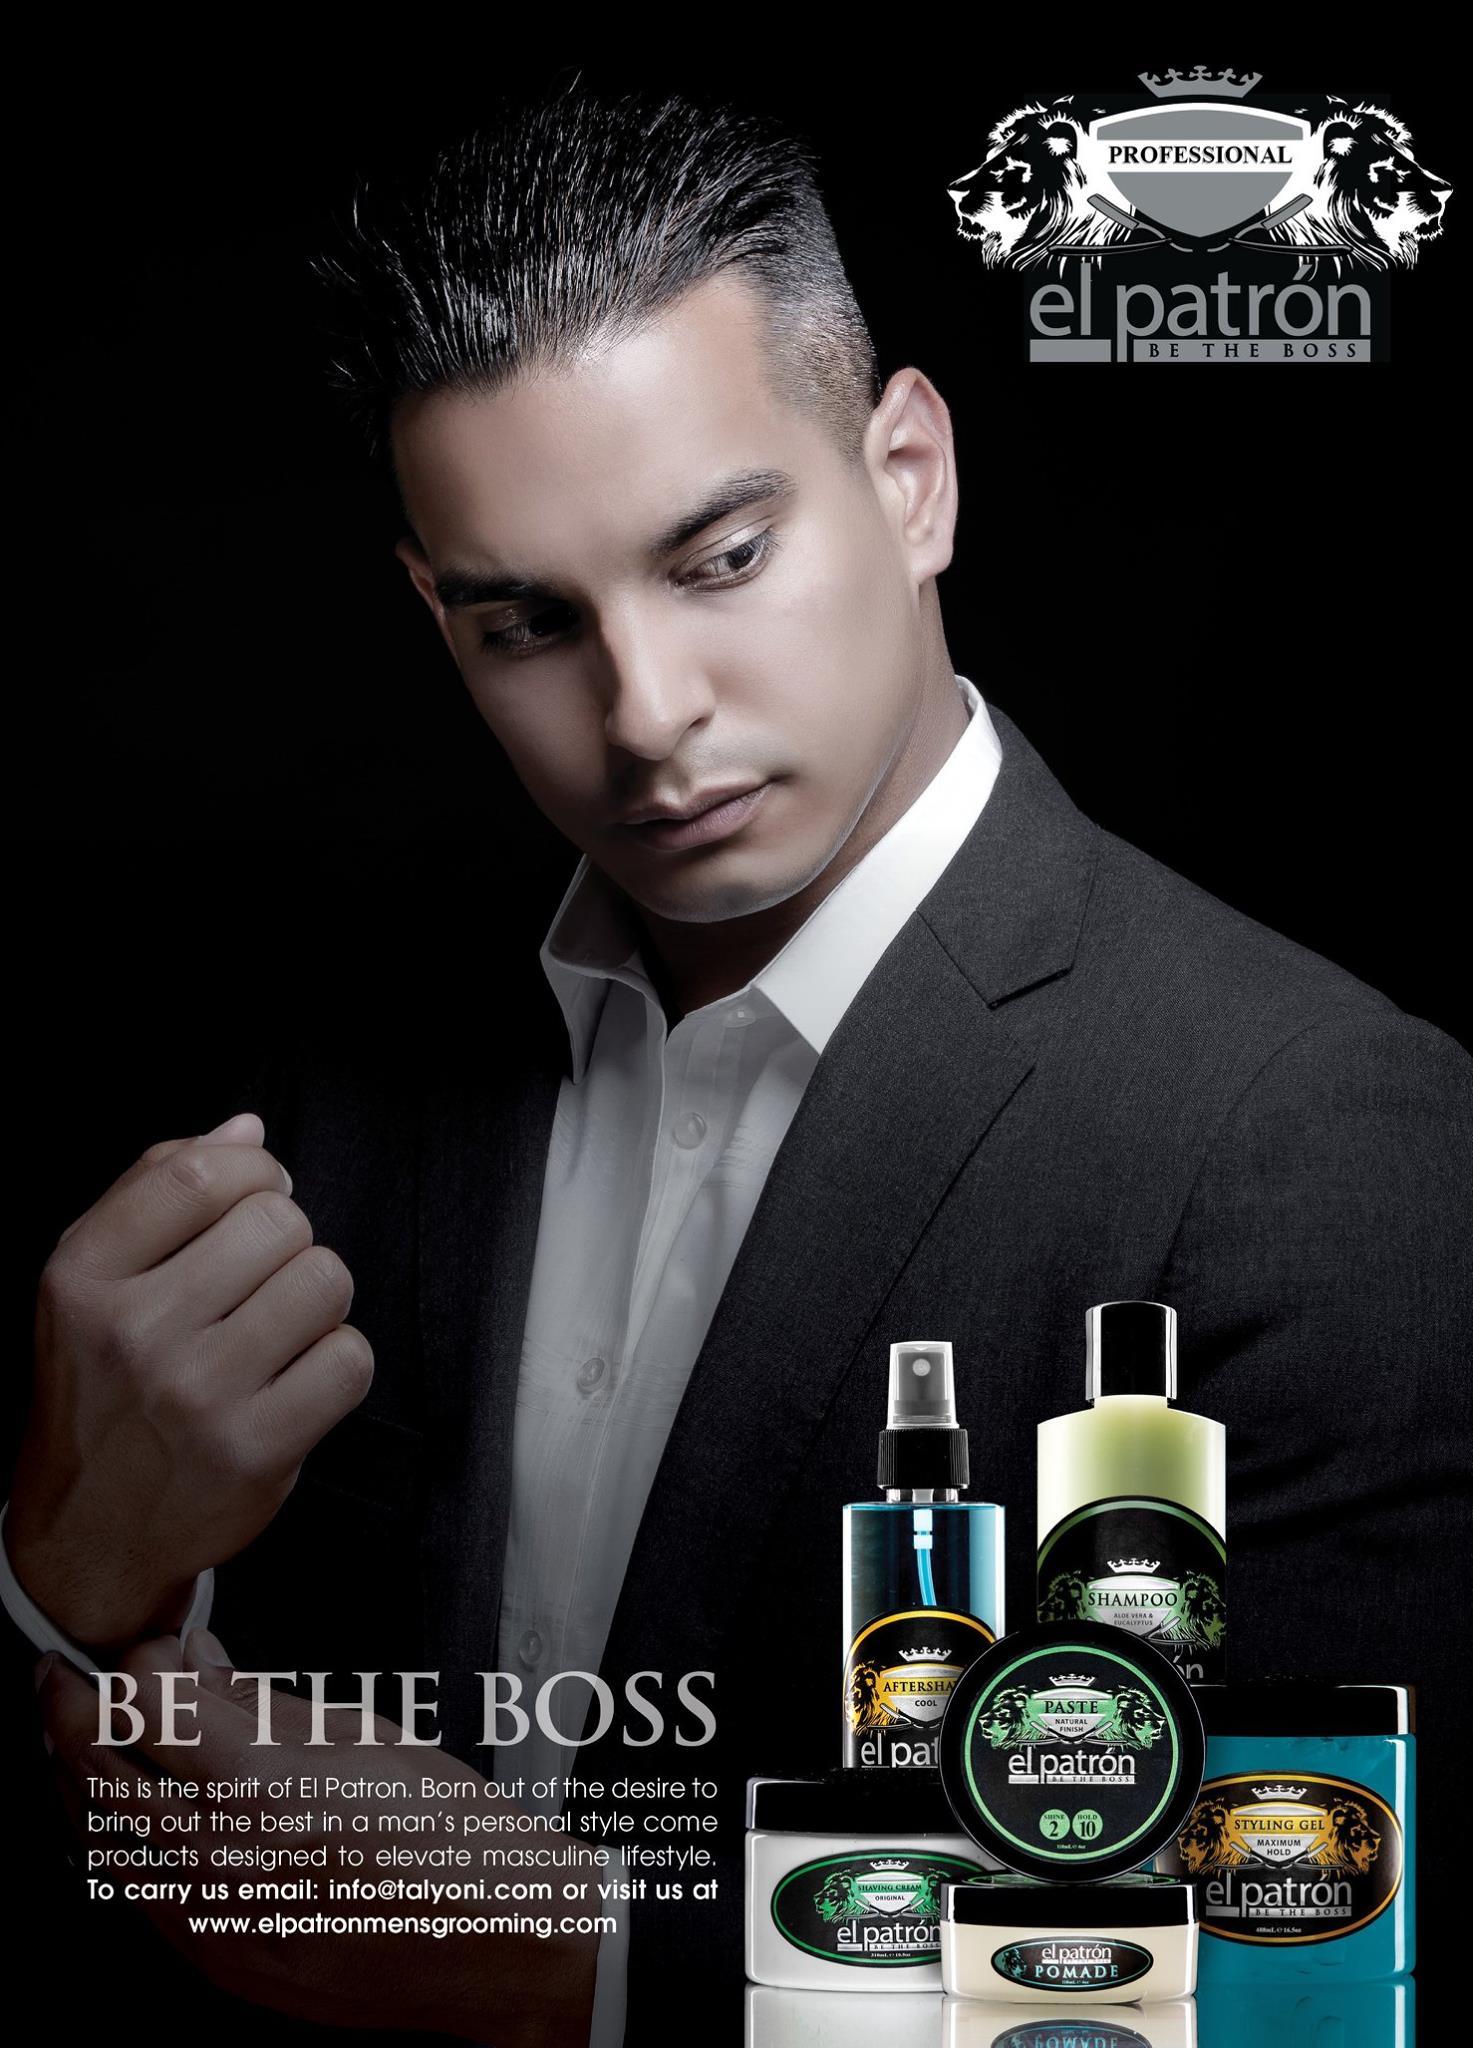 El patron campaign.jpg